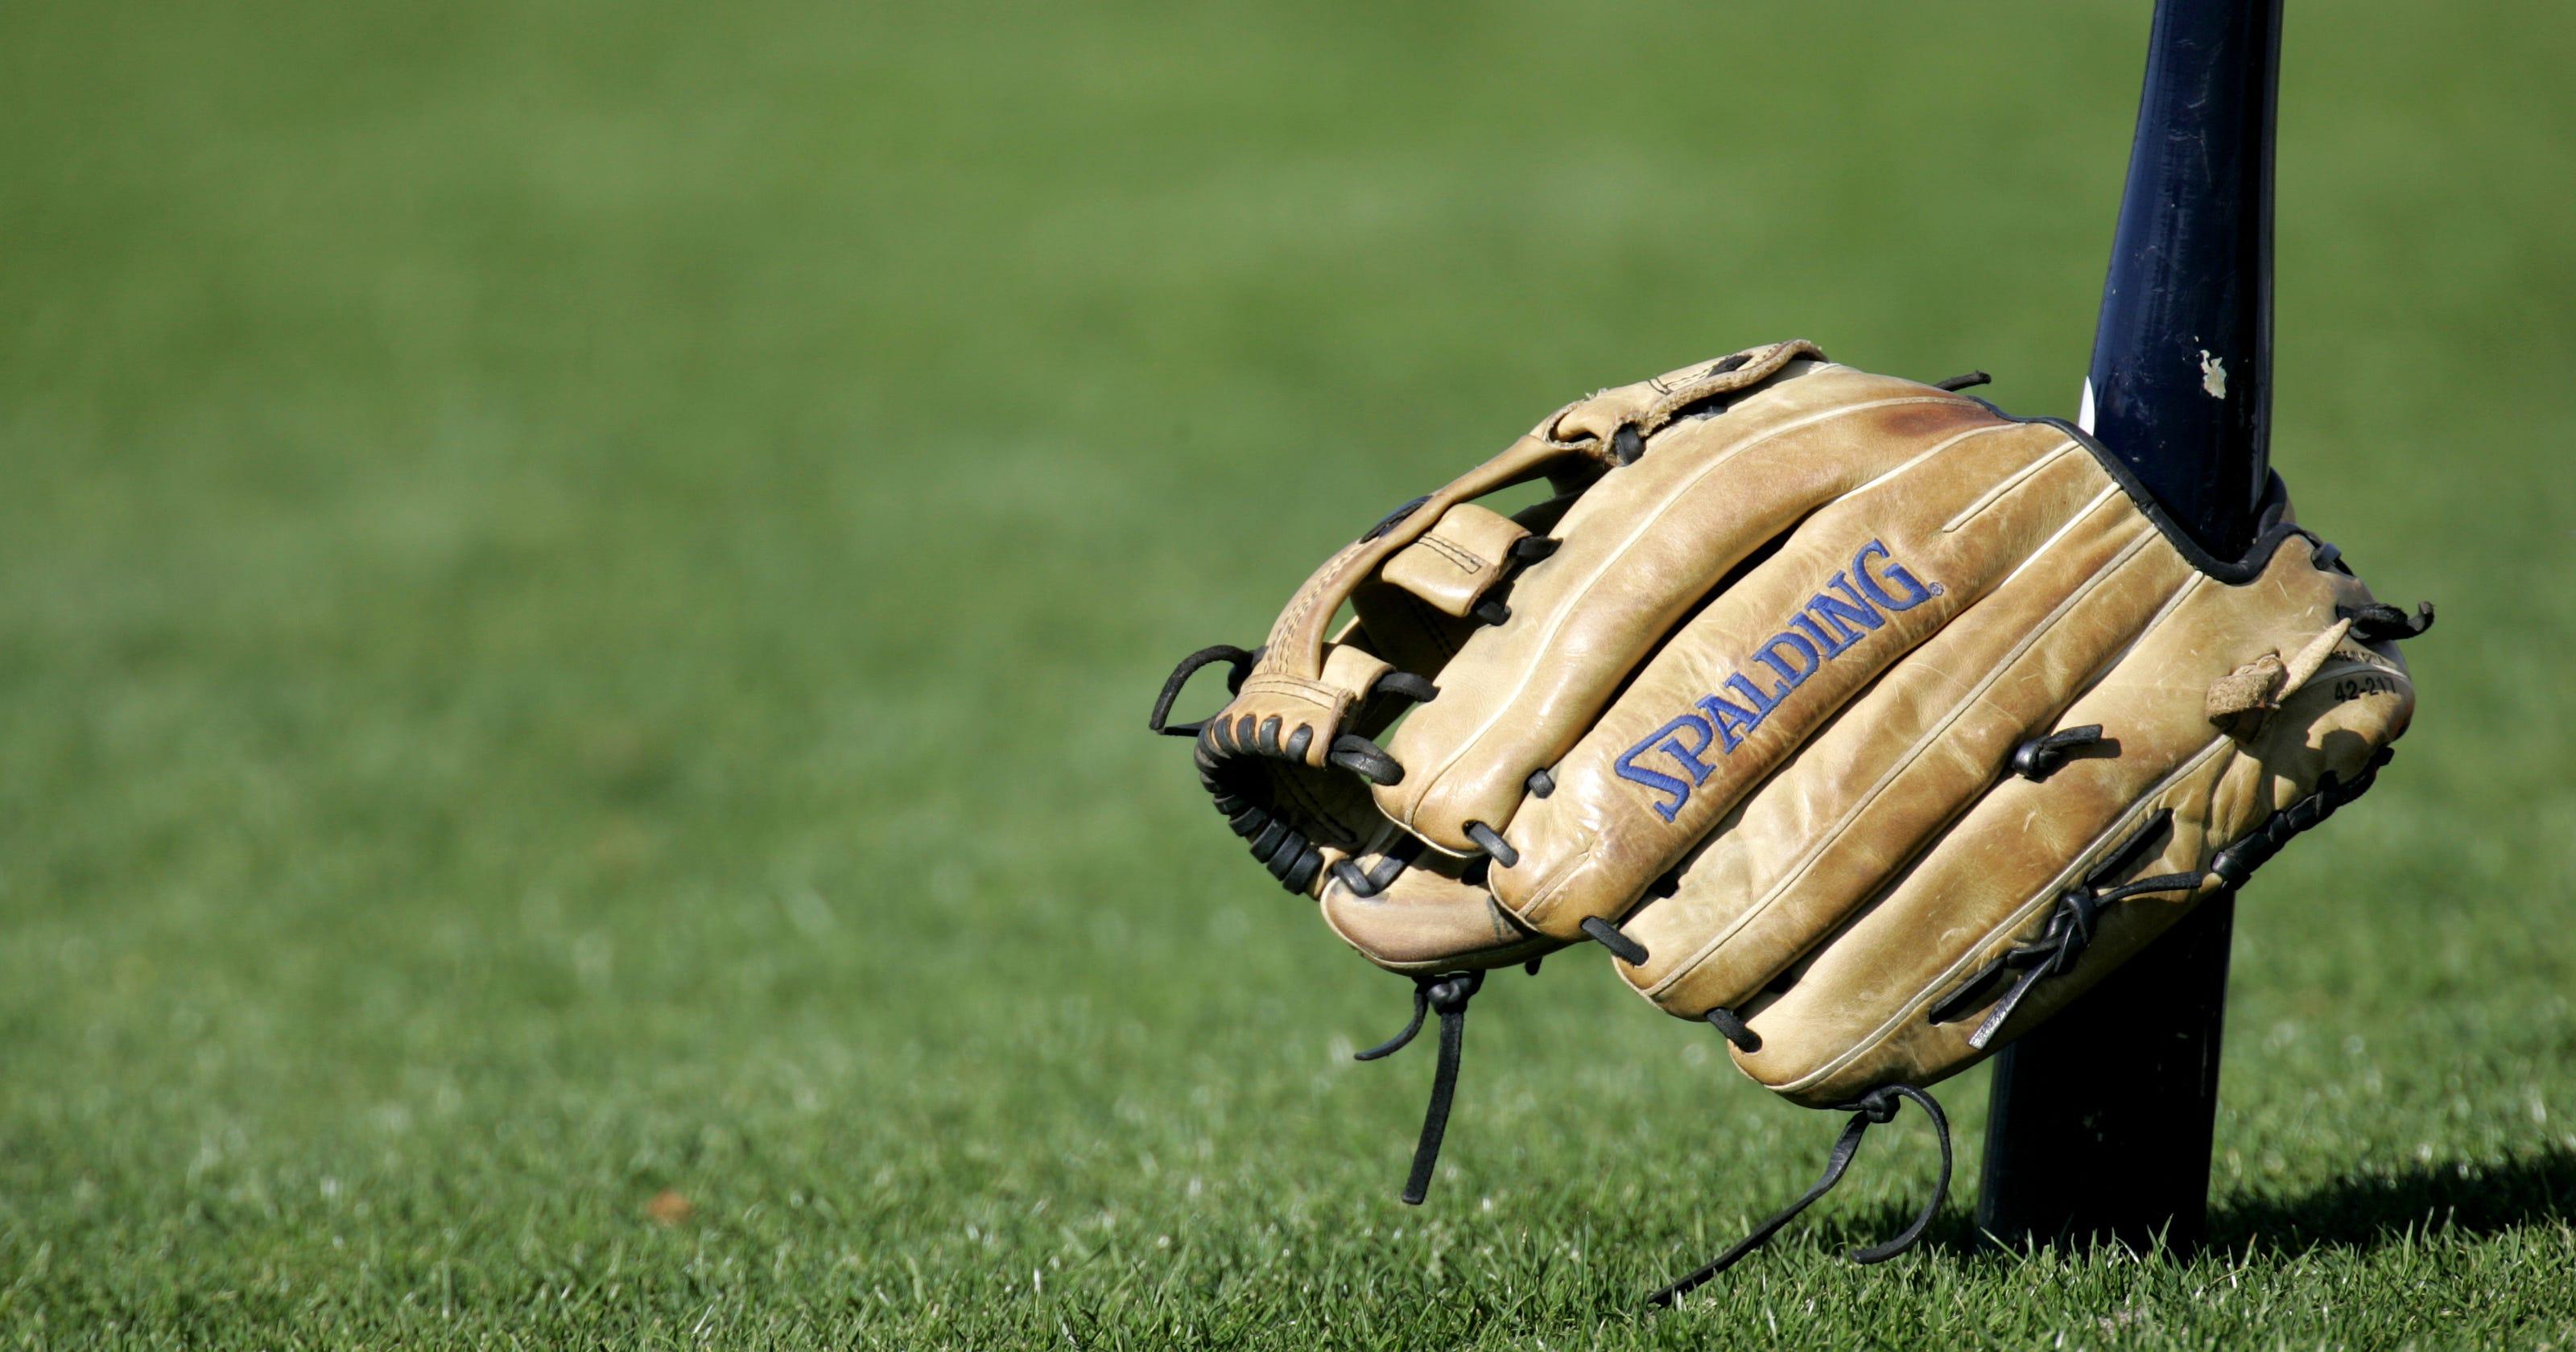 La Quinta, Palm Desert both pick up impressive early season baseball wins